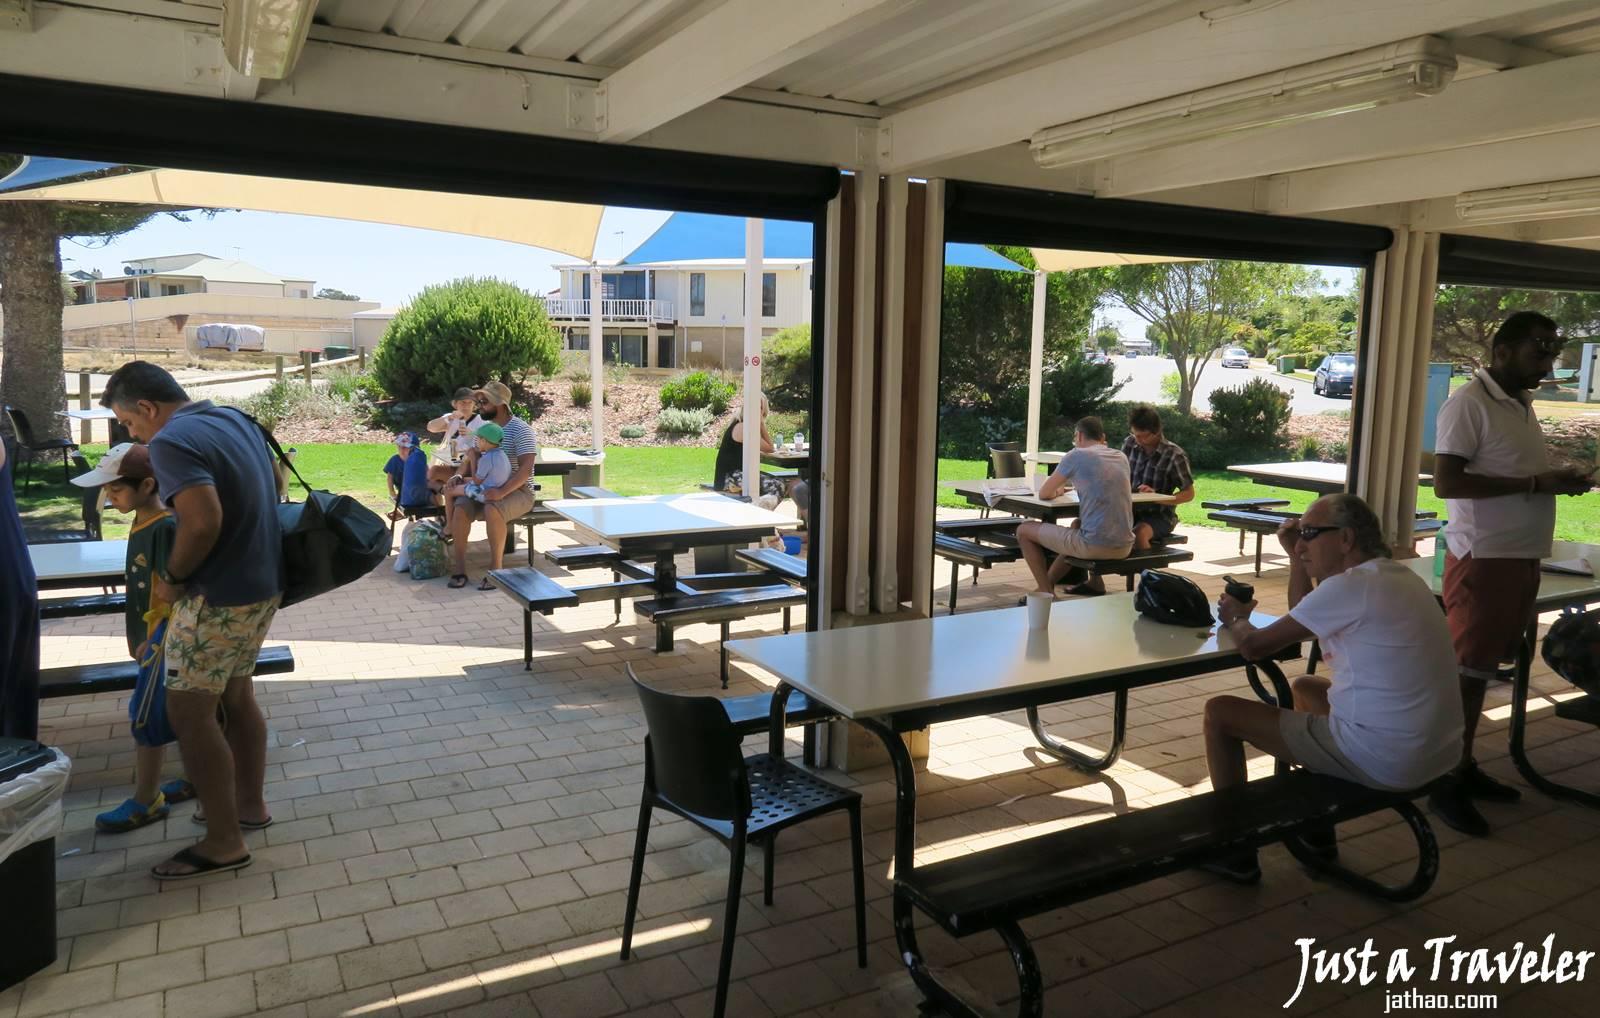 伯斯-景點-推薦-必玩-一日遊-企鵝島-Penguin-Island-美食-餐廳-遊記-旅遊-自由行-Perth